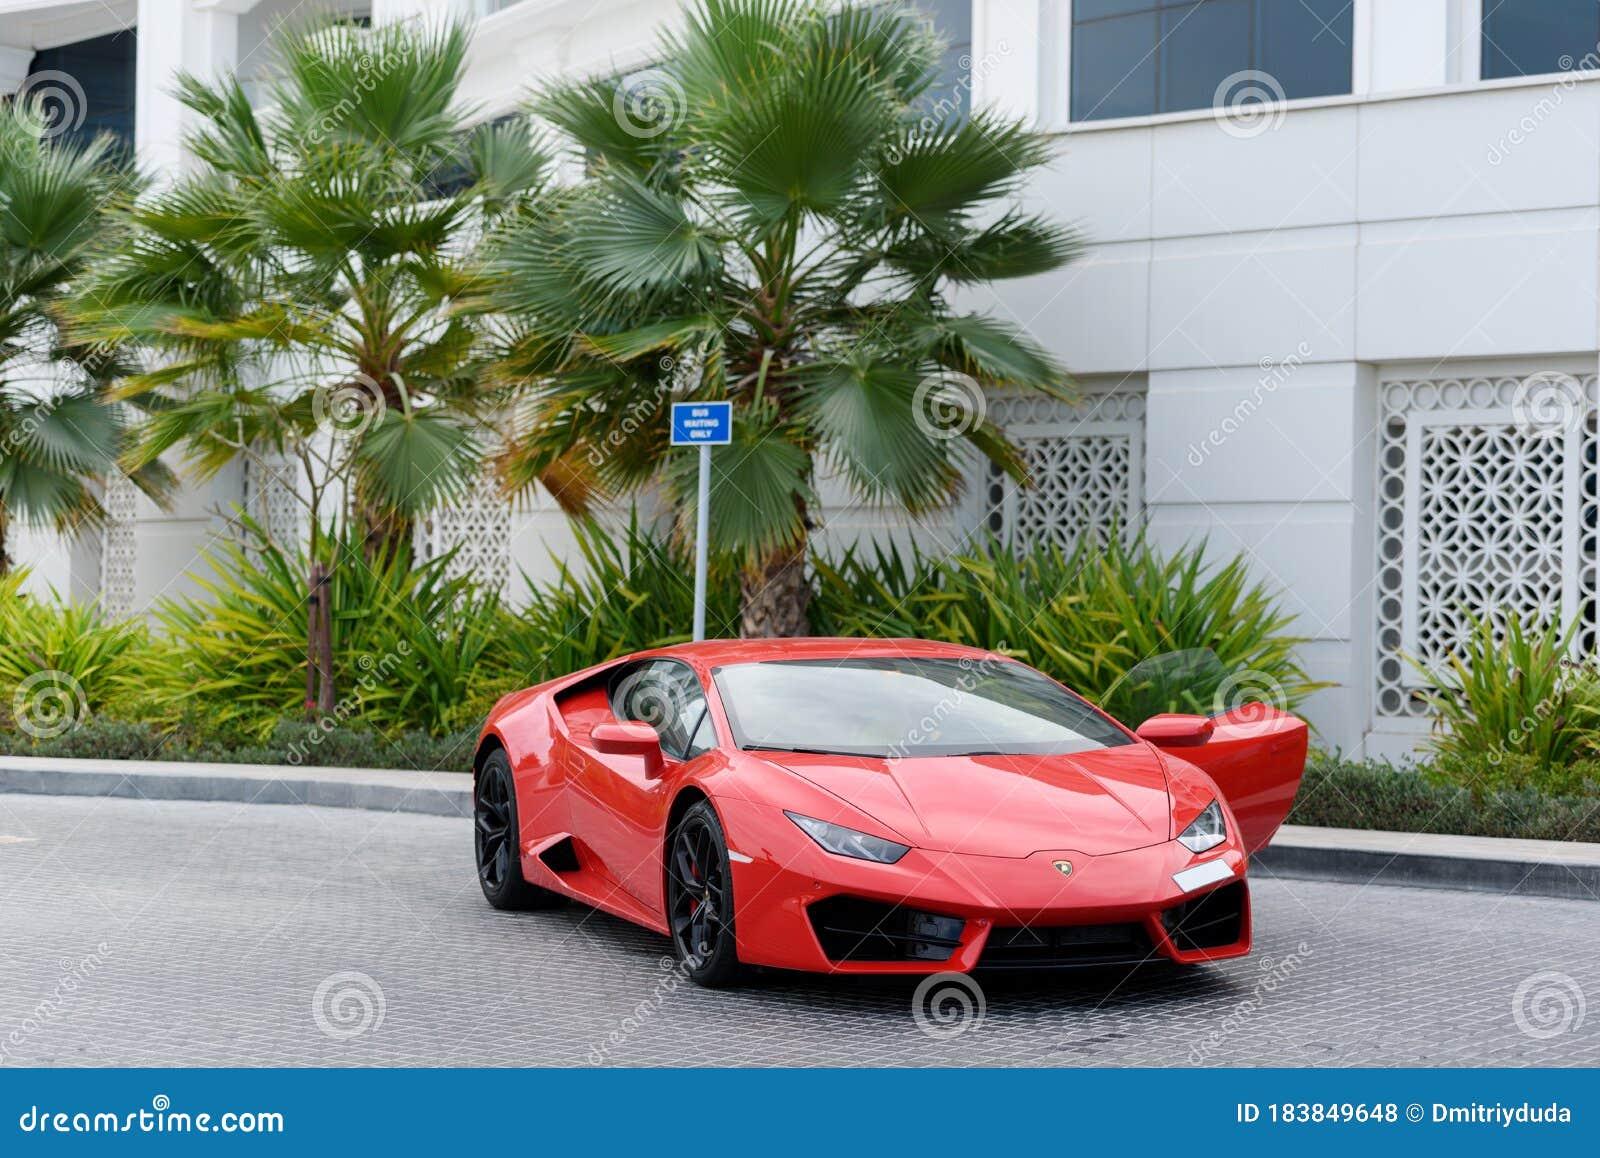 Dubai Uae January 13 2017 Red Luxury Supercar Lamborghini Aventador Roadster Car On The Road In Dubai Editorial Stock Photo Image Of Sport Aventador 183849648